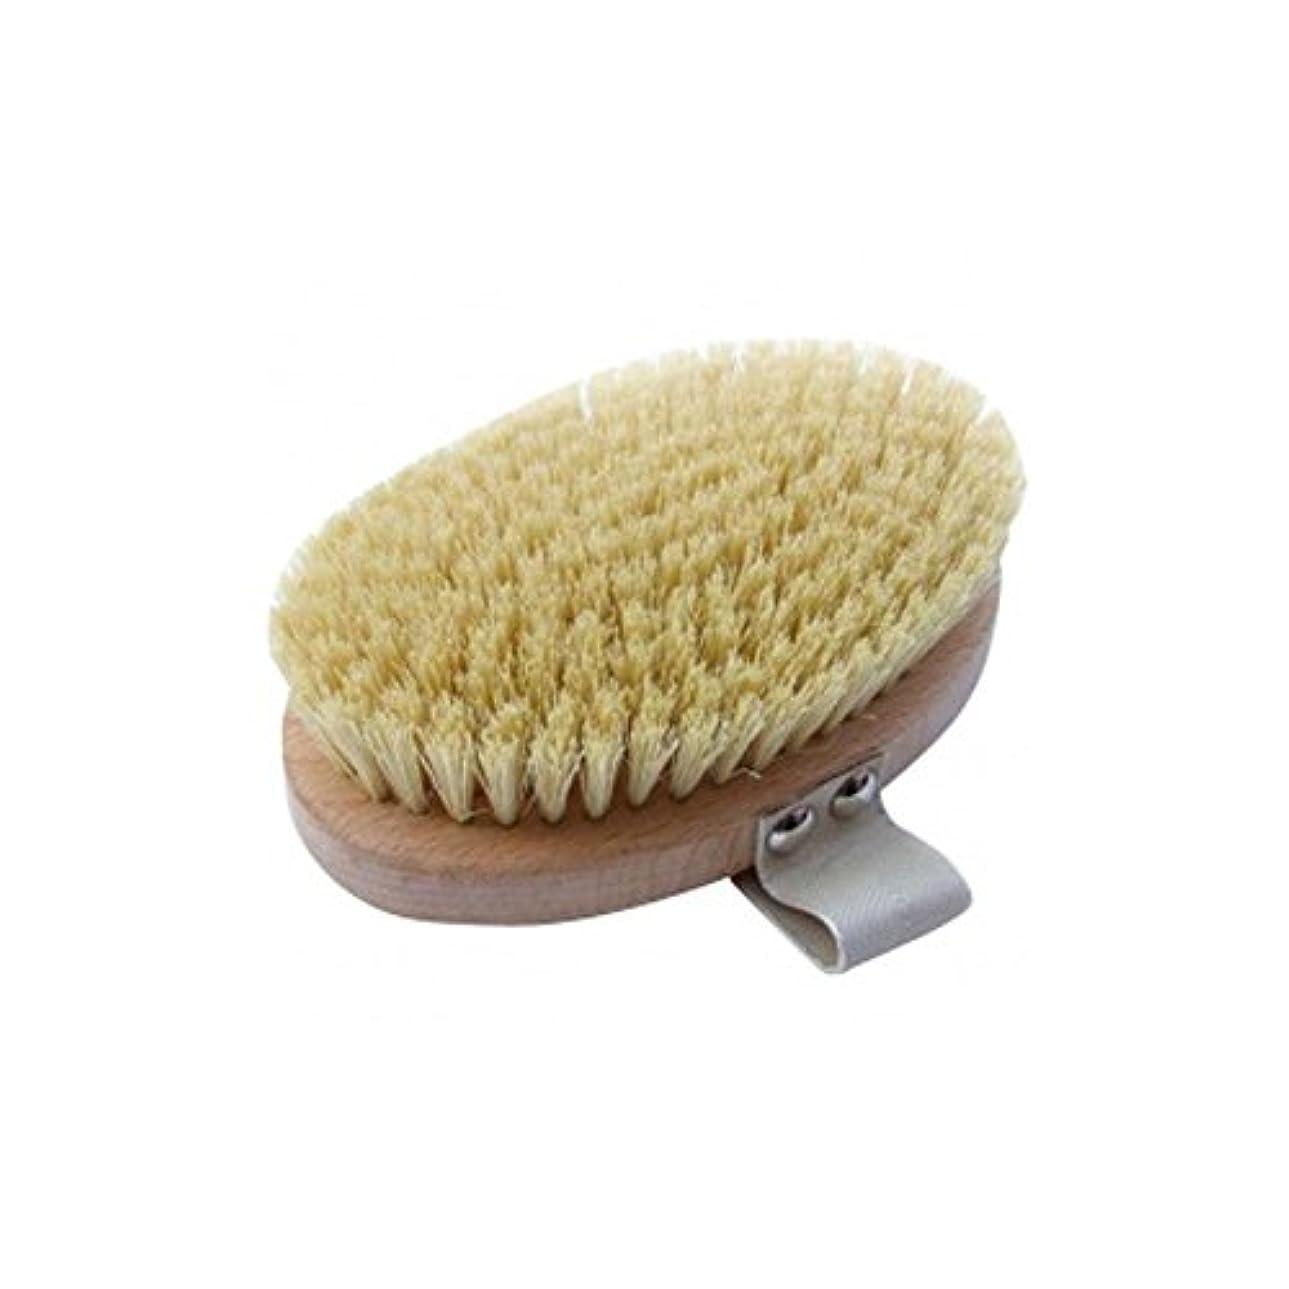 Hydrea London Beech Wood Body Brush With Cactus Fibre Bristles - サボテンの繊維毛とハイドレアロンドンブナの木のボディブラシ [並行輸入品]